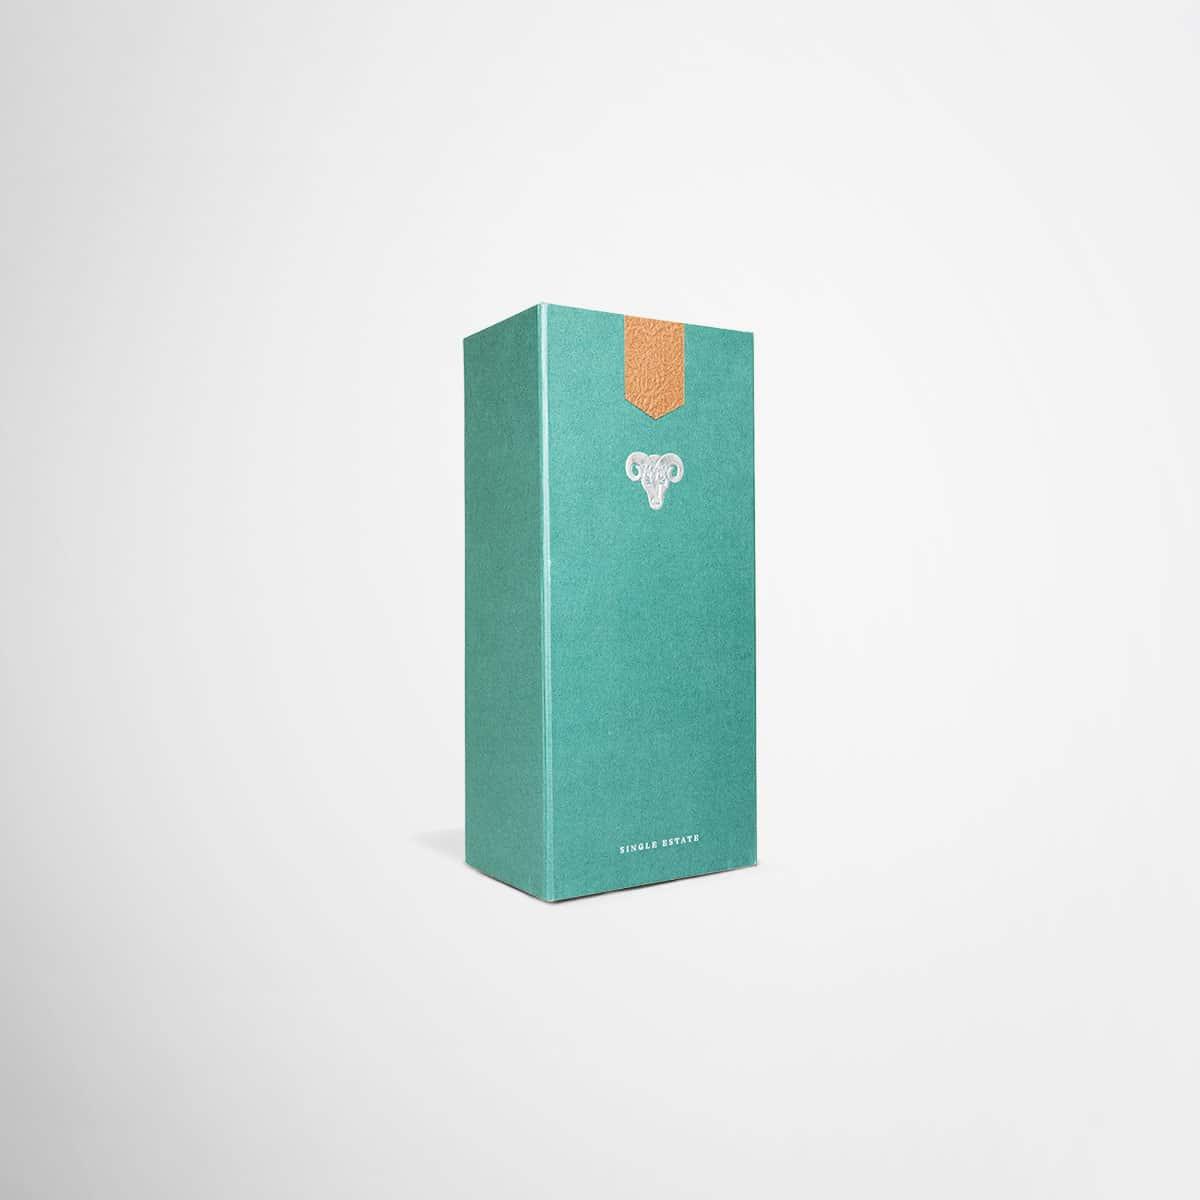 Ramsbury packaging by Framme